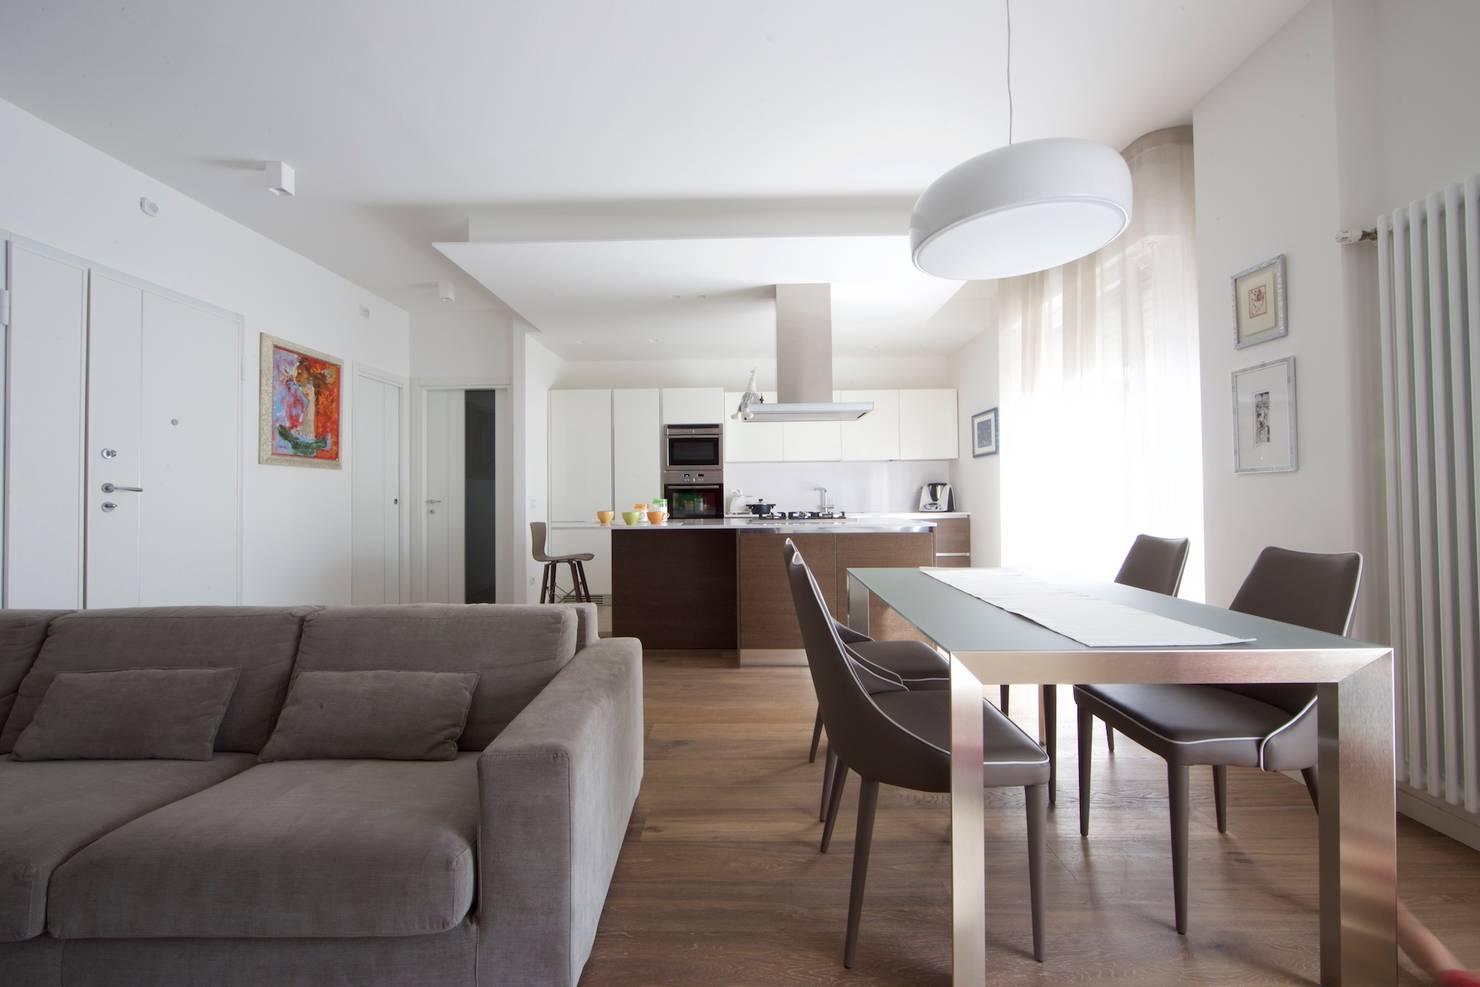 37 Idee su come Dividere Sala da Pranzo, Soggiorno e Cucina